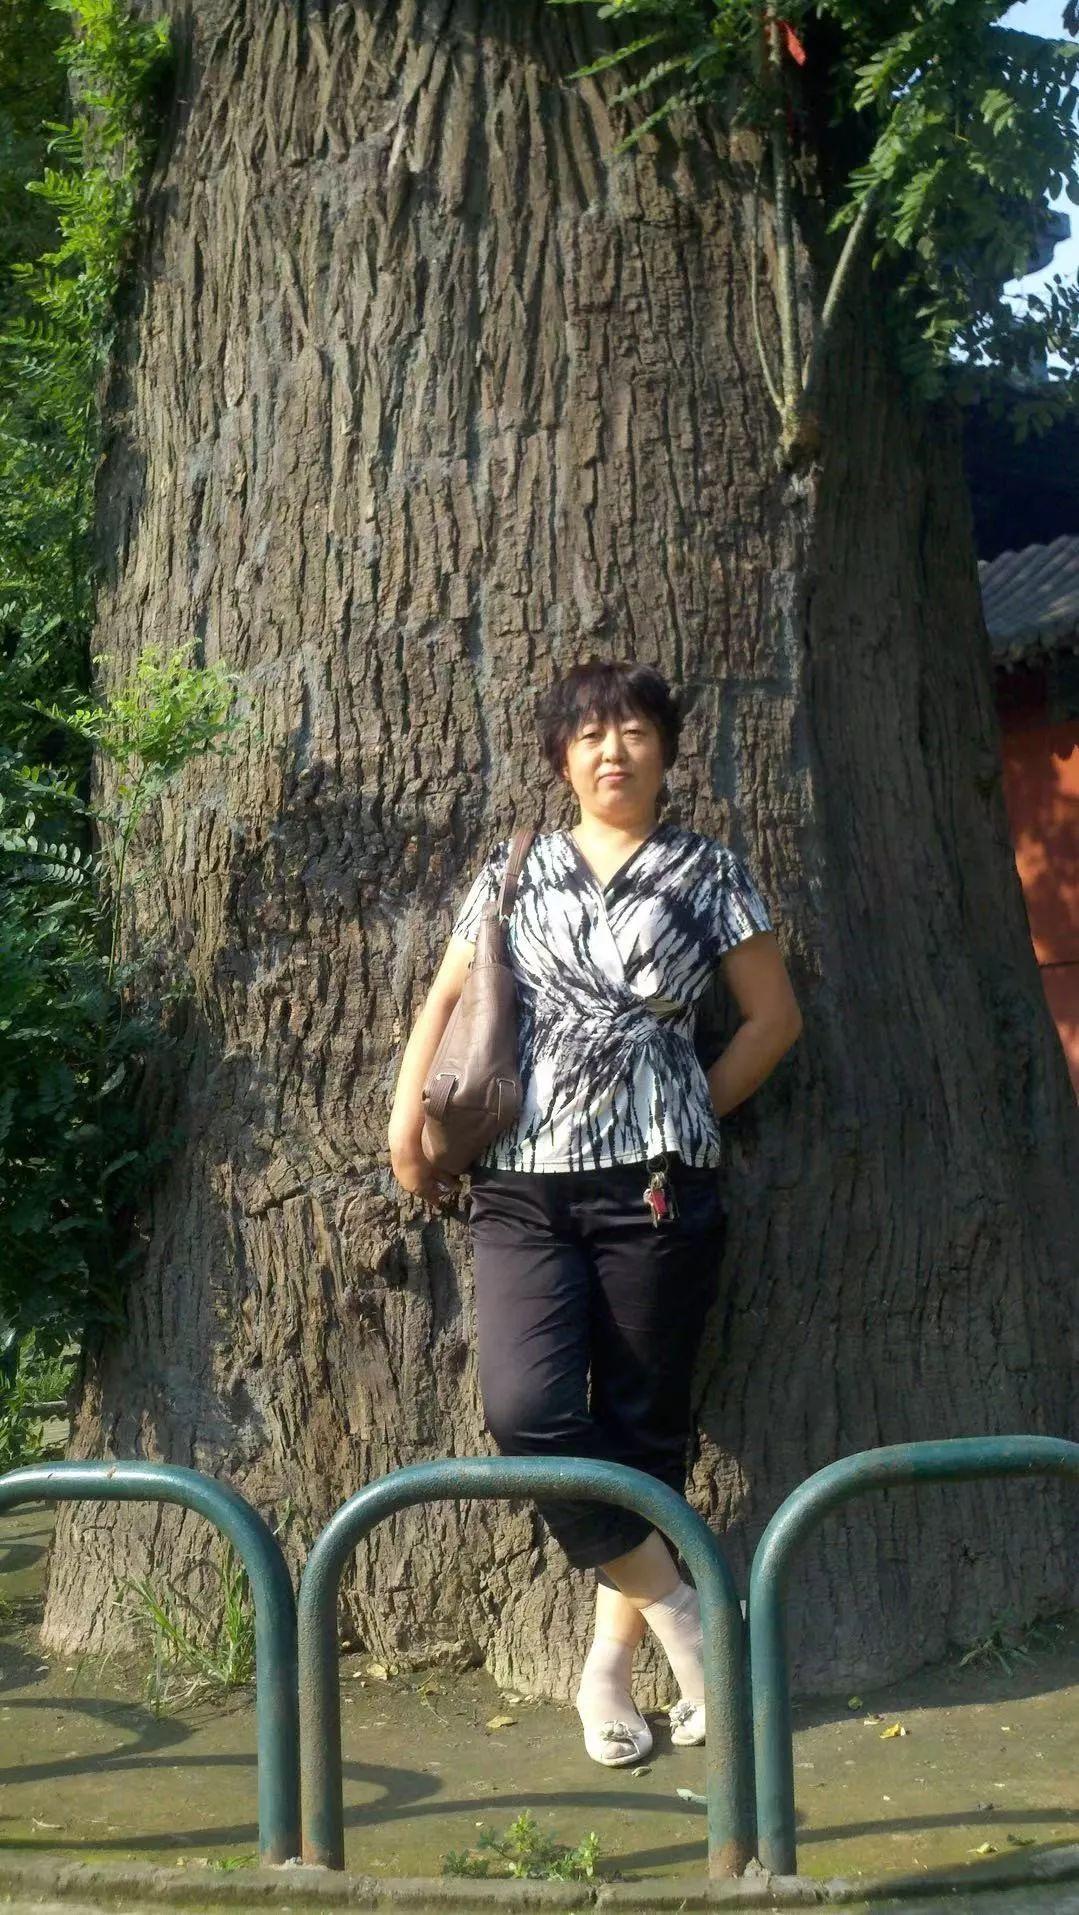 于欢母亲苏银霞:女企业家的罪与辱